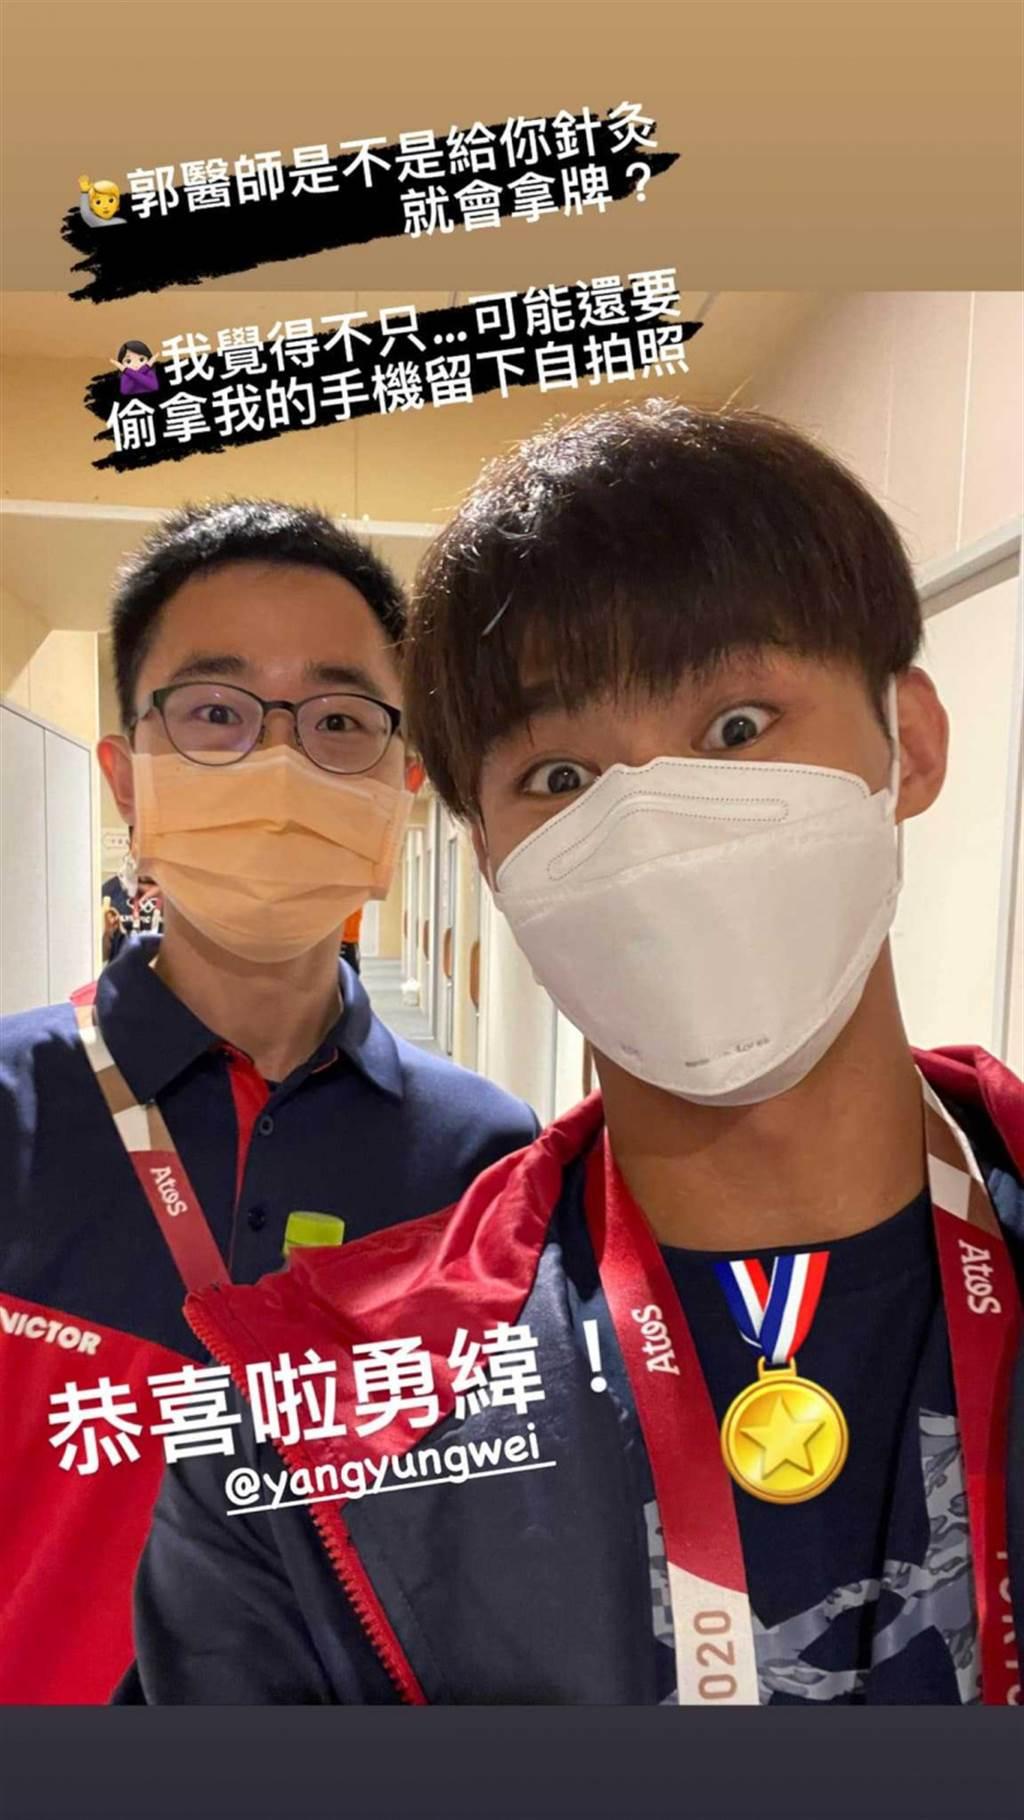 郭純恩曬出楊勇緯的自拍照。(圖/FB@郭純恩醫師)